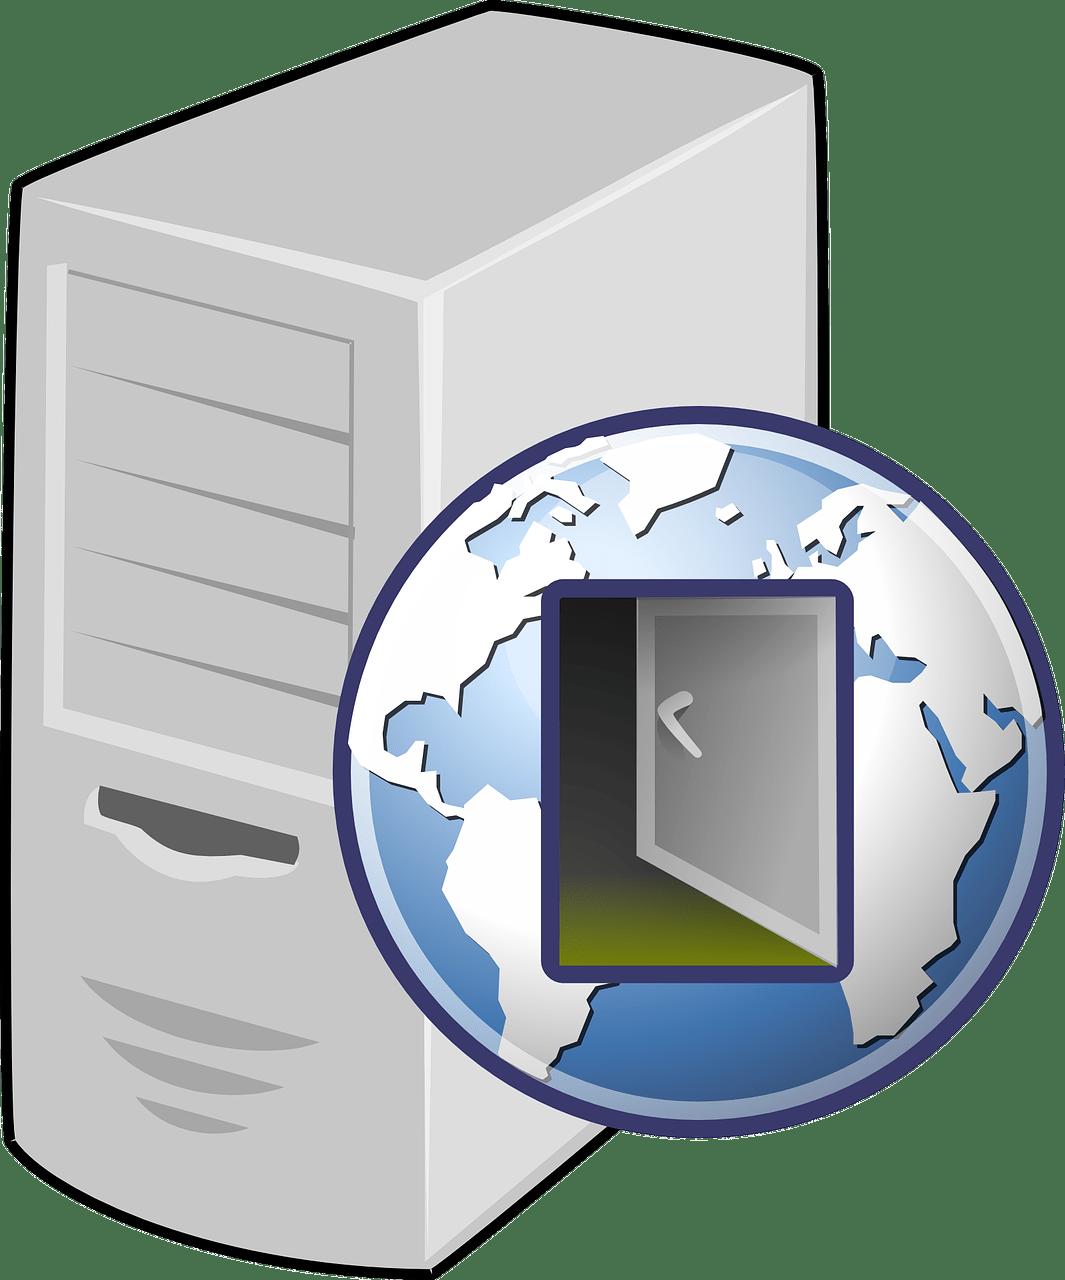 публичная регистрация домена минусы